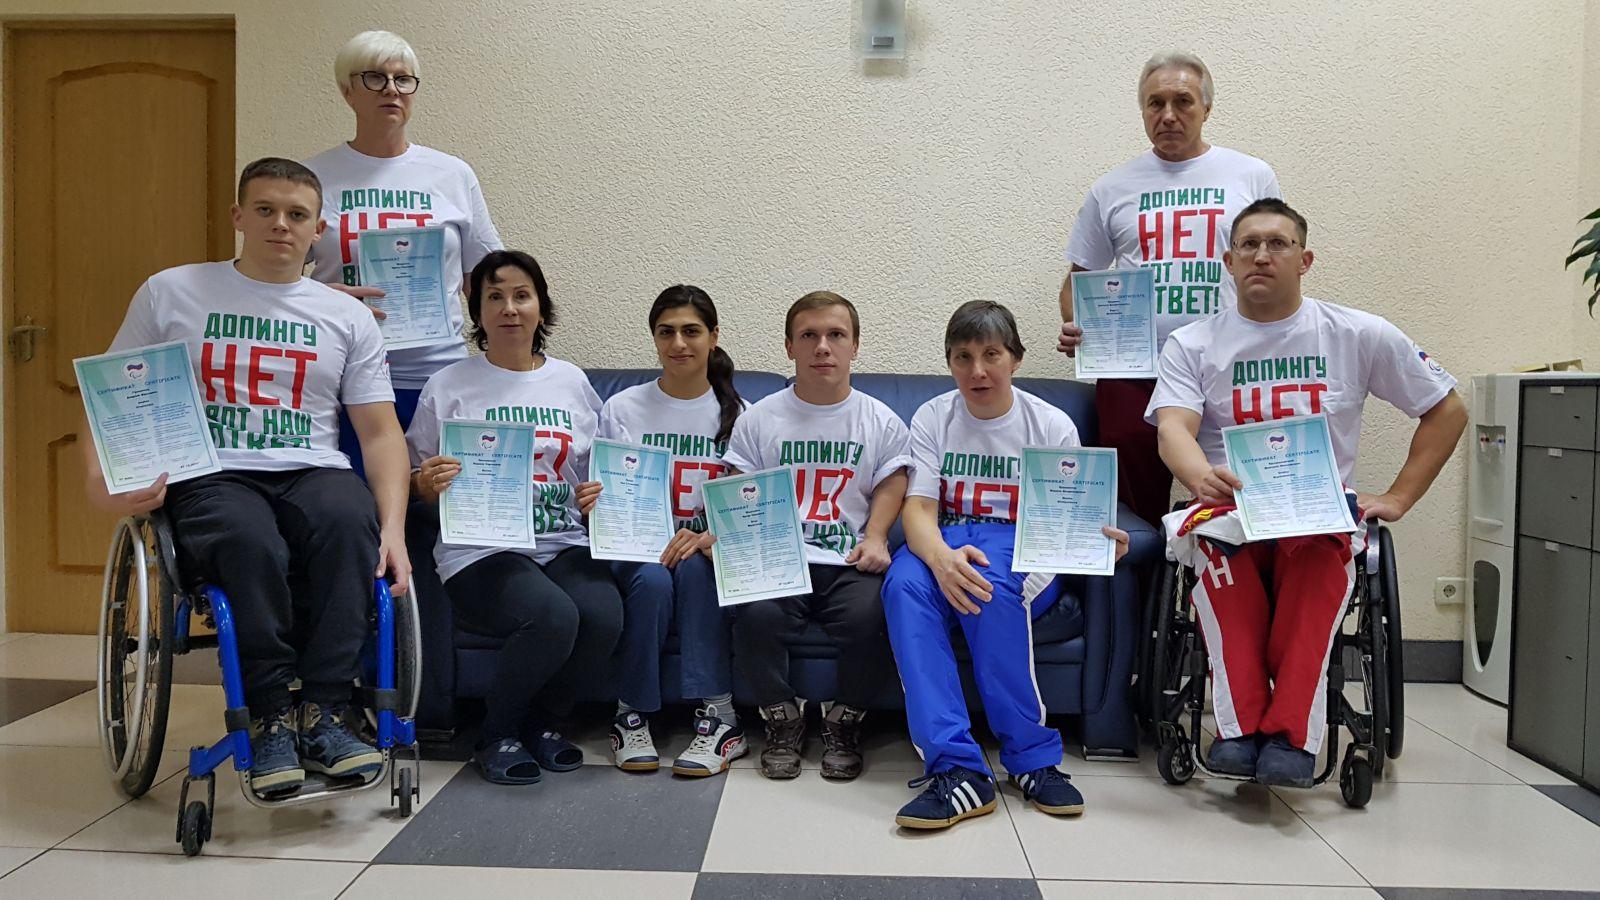 Антидопинговые семинары для членов сборной России по плаванию спорта лиц с ПОДА